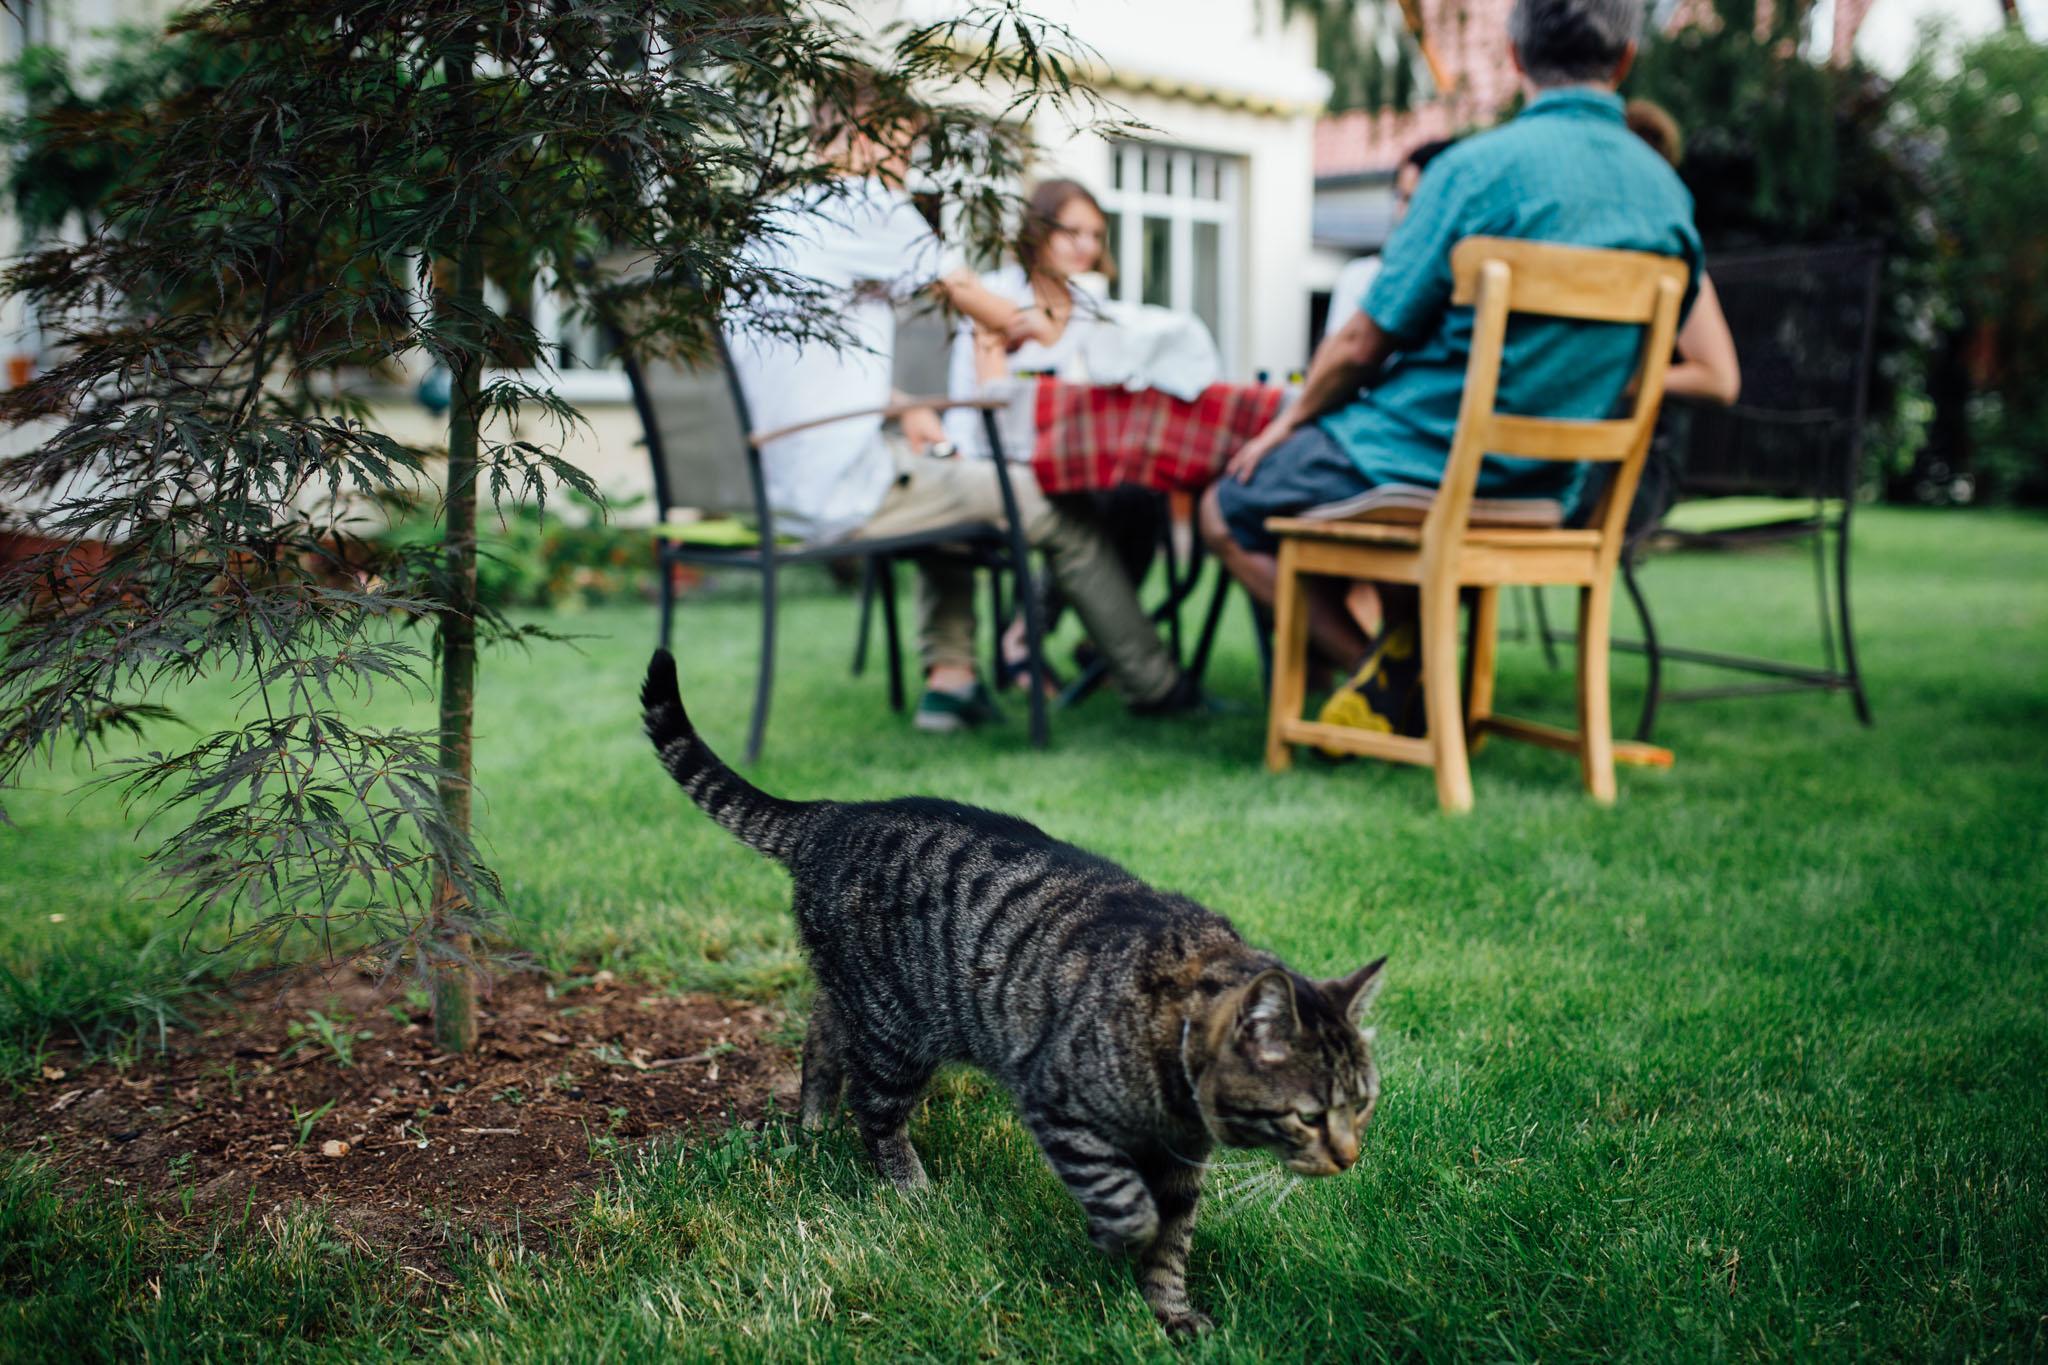 familienfotografie-berlin-reportagefotos-homestory-katze